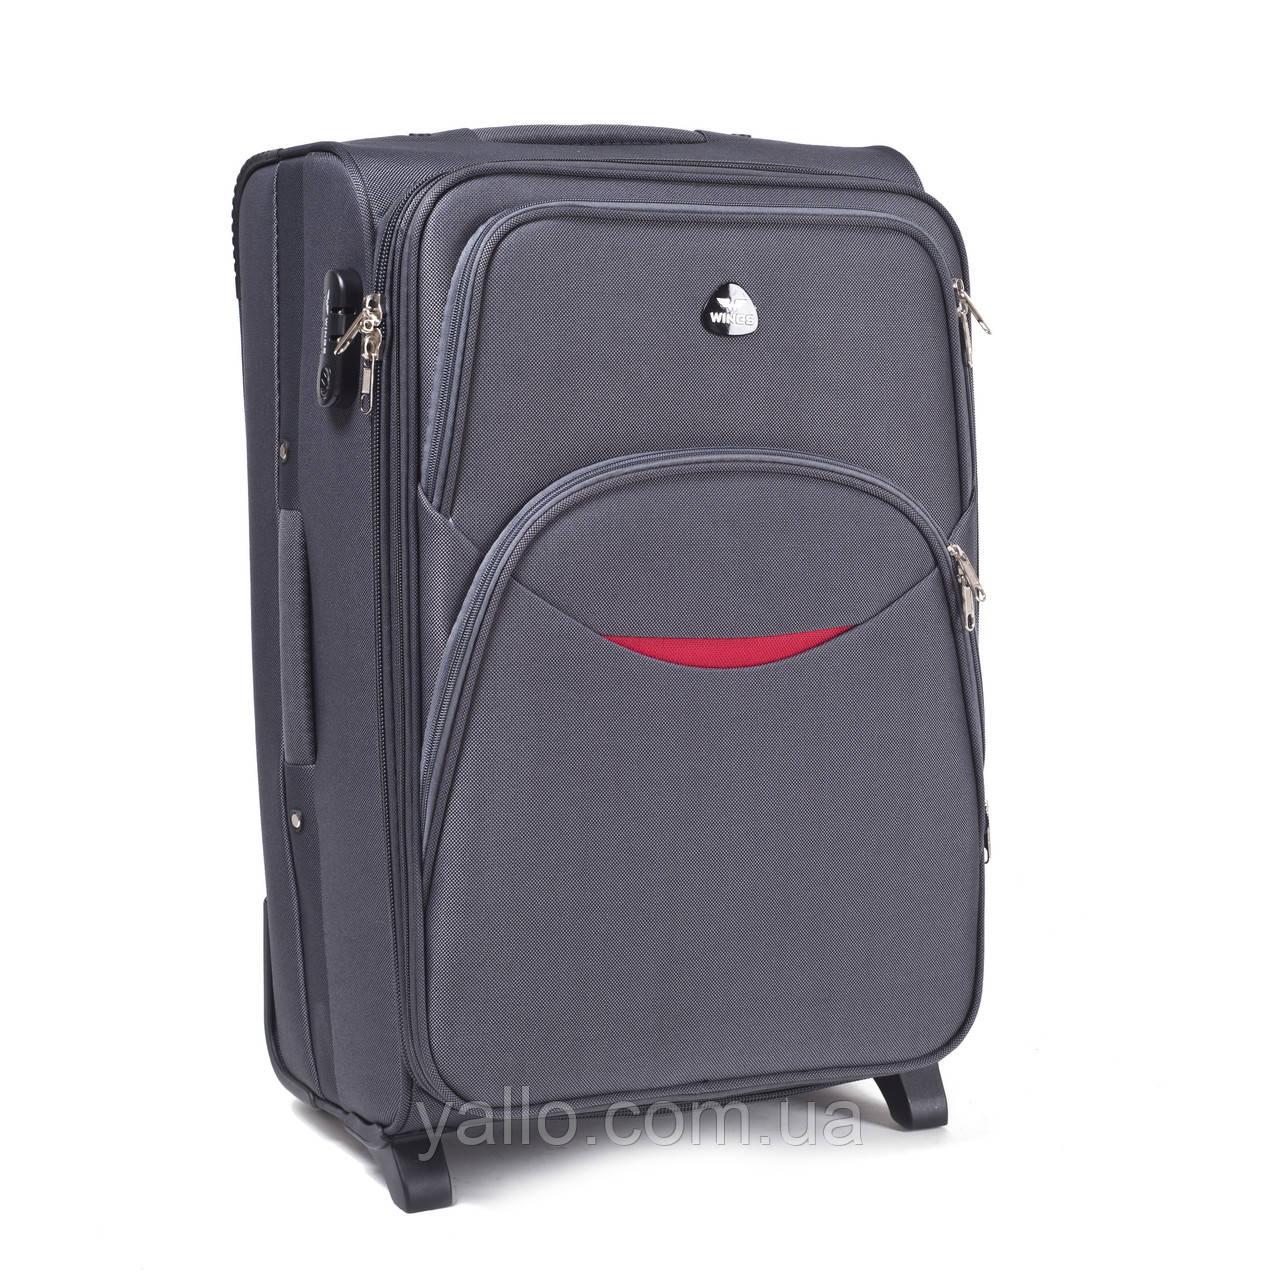 Малый дорожный чемодан на двух прорезиненных колёсах фирмы WINGS 1708 S Grey